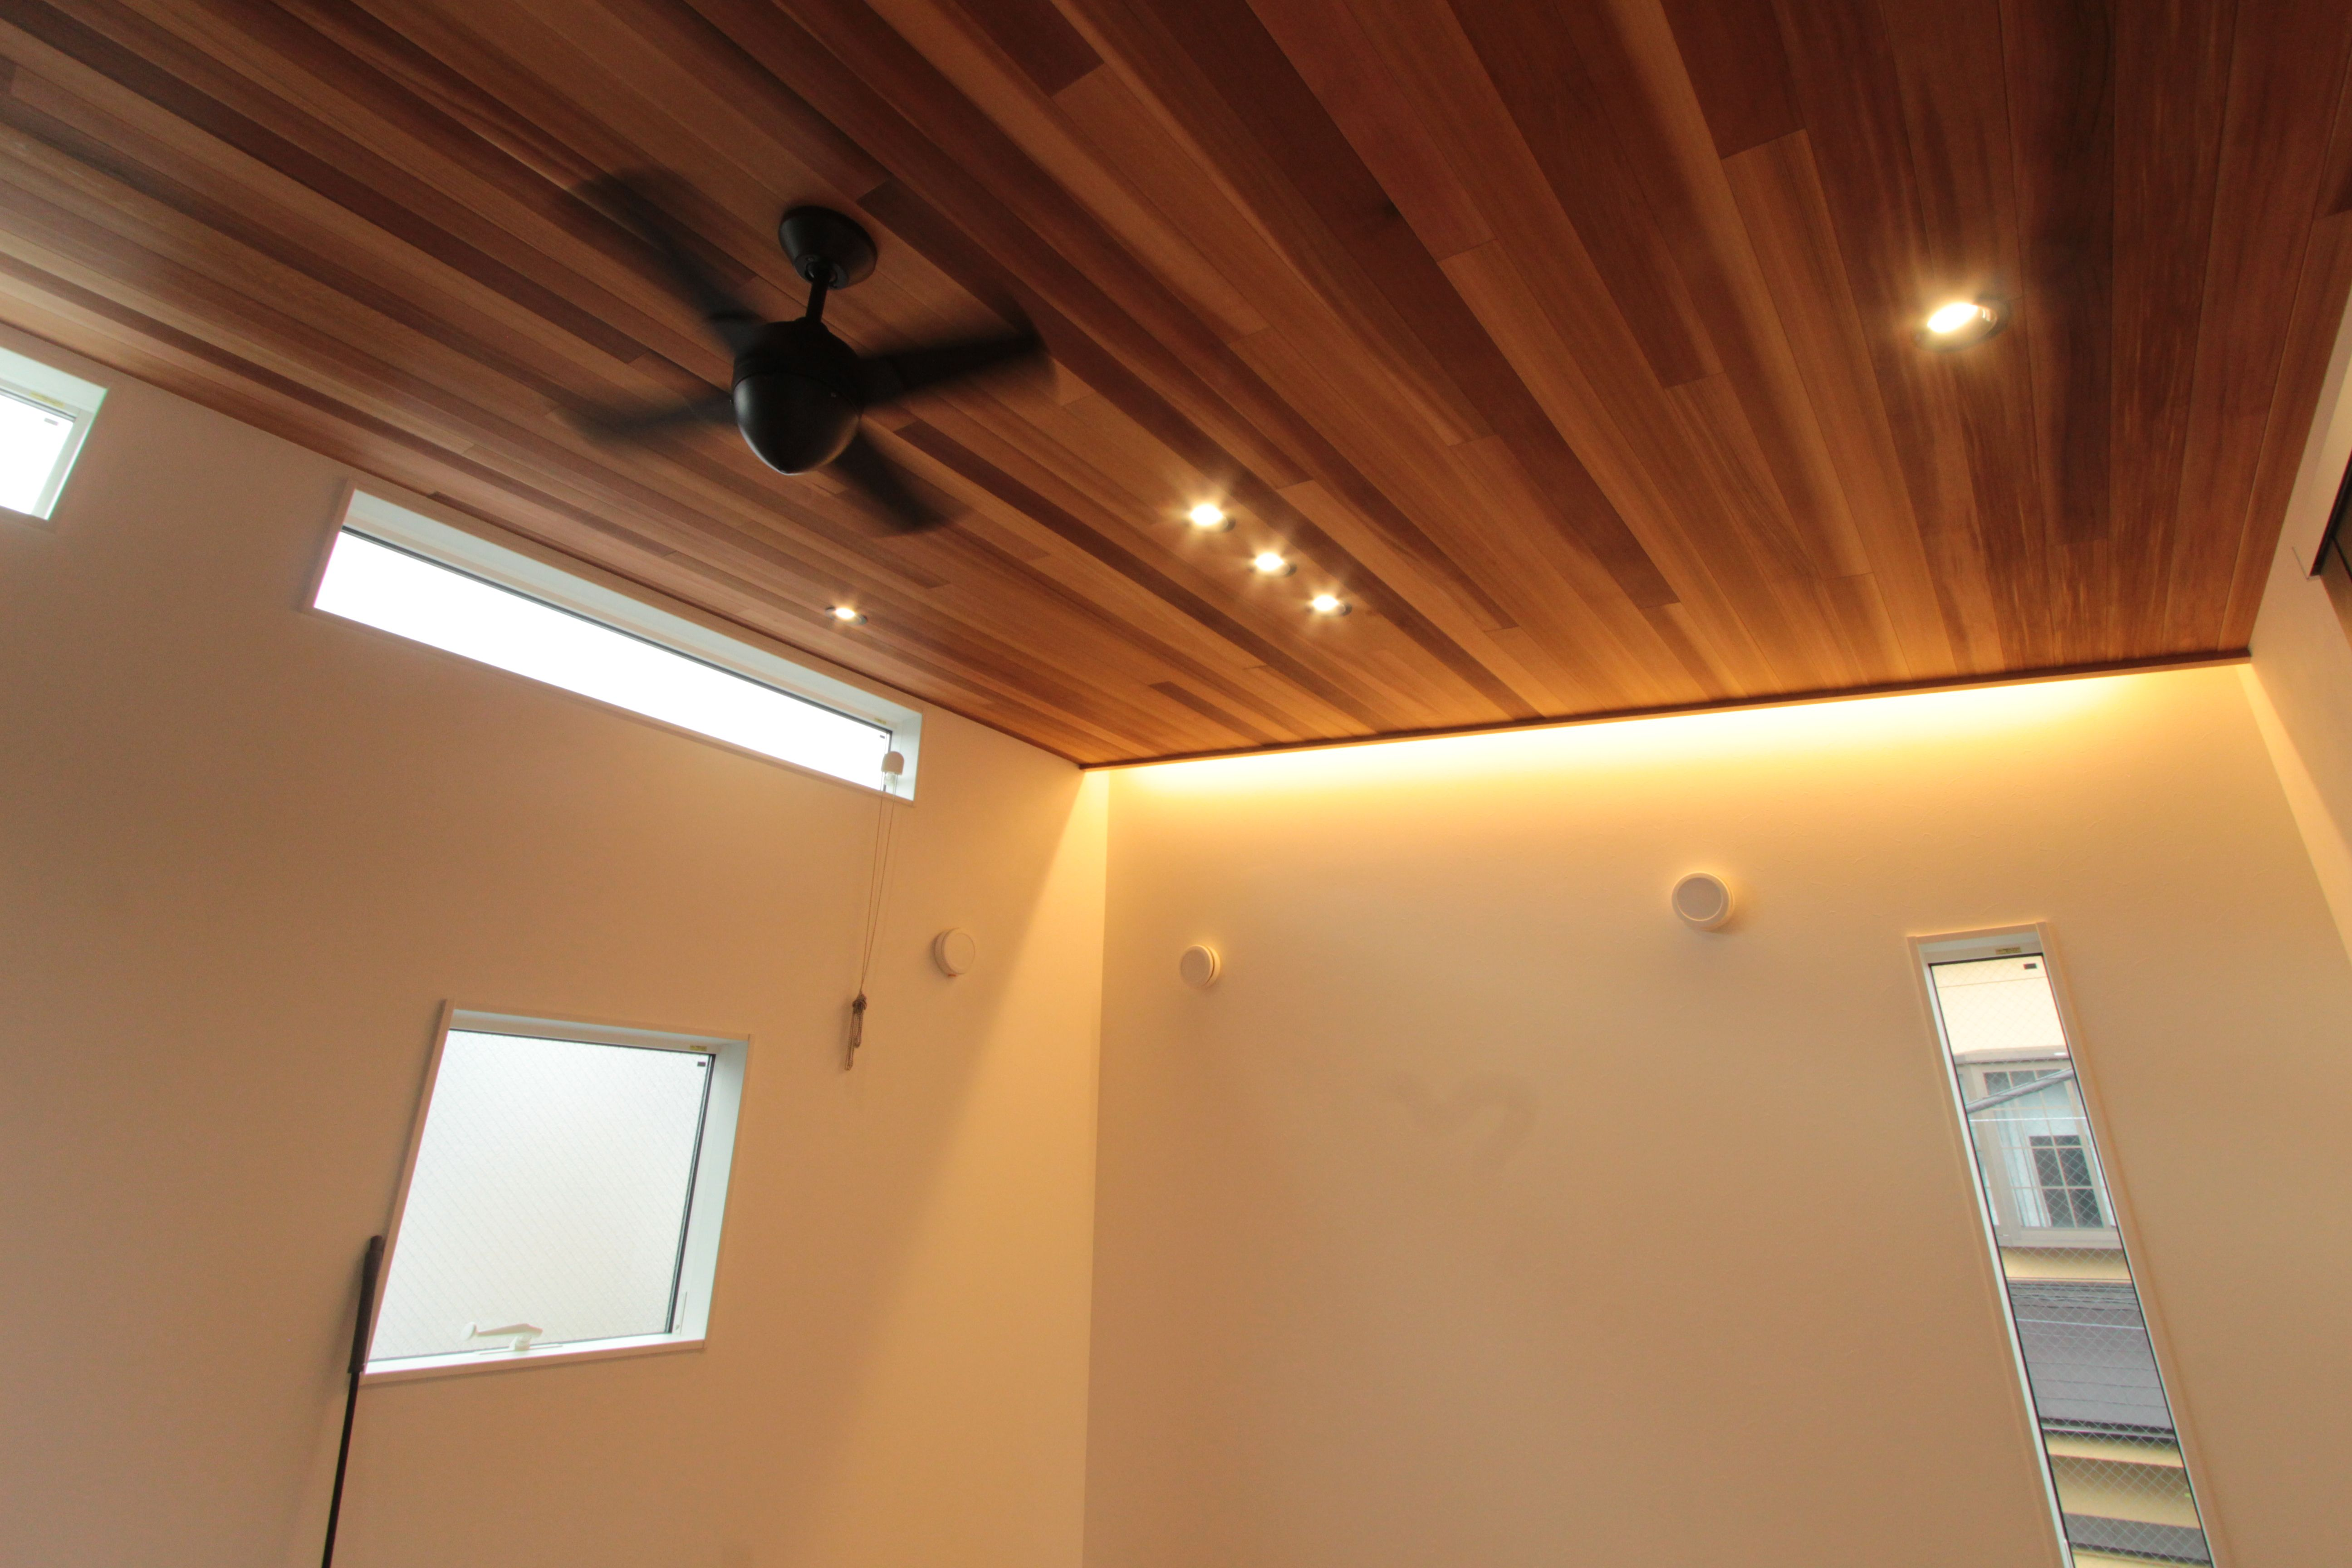 勾配天井 間接照明 間接照明 照明 天井